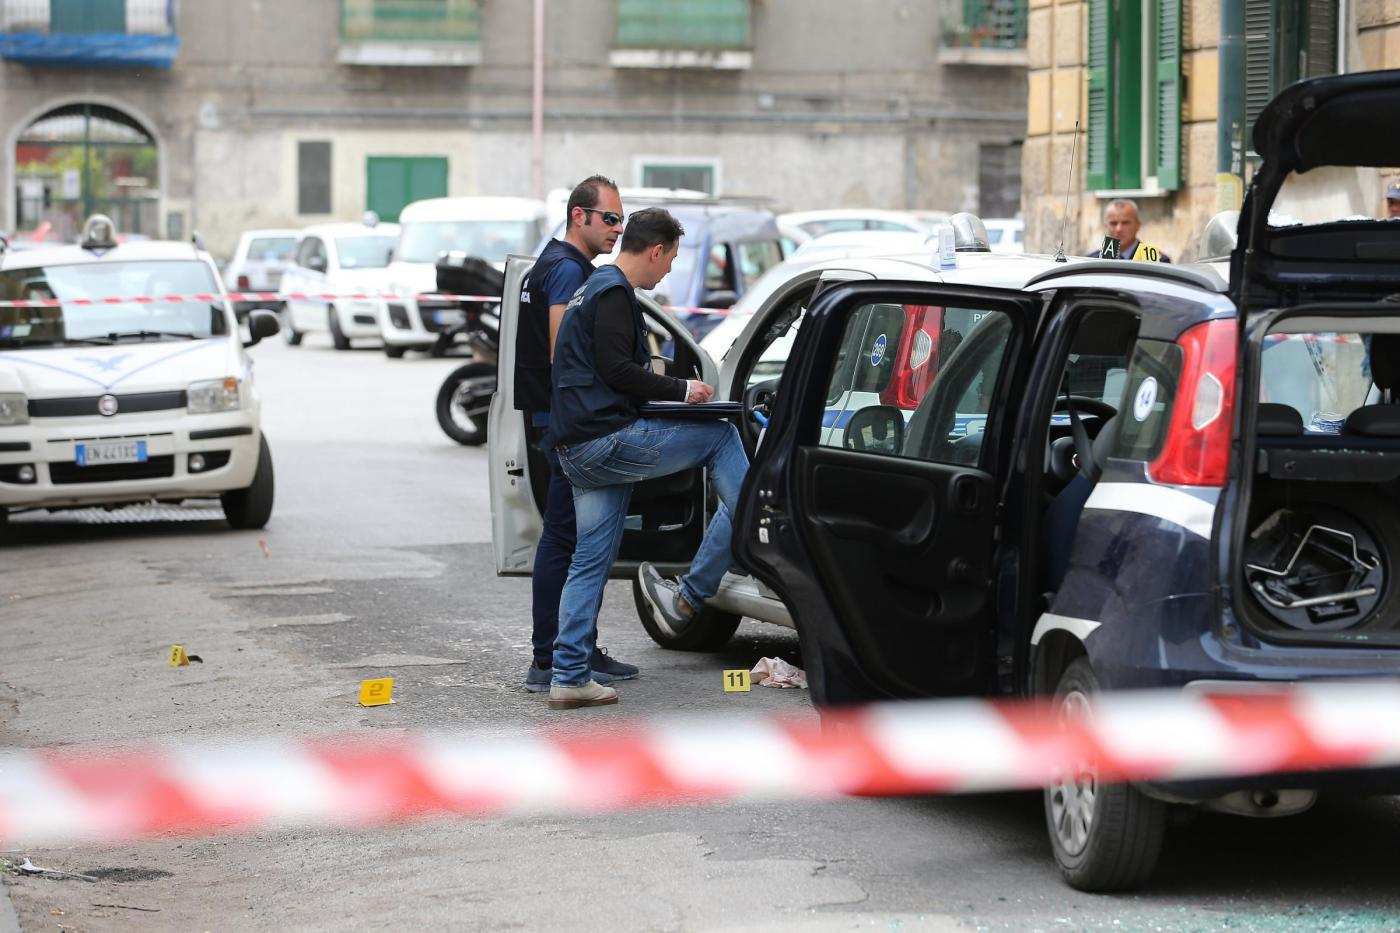 Assalto a portavalori a Napoli